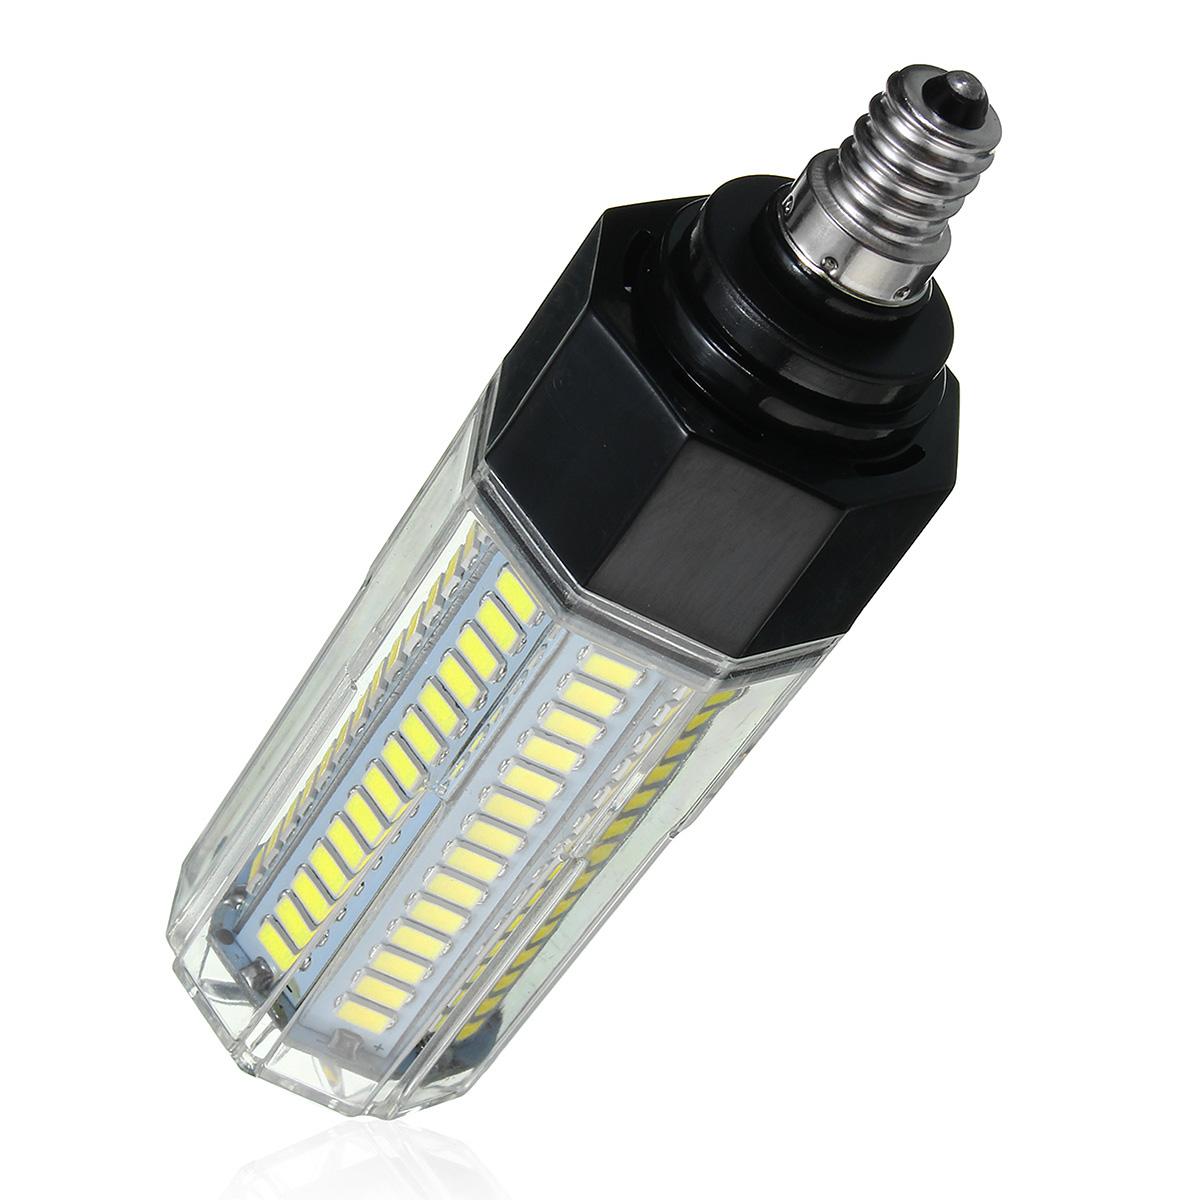 e27 b22 e26 e12 e14 15w 5730 smd led corn light lamp bulb non dimmable ac110 265v. Black Bedroom Furniture Sets. Home Design Ideas